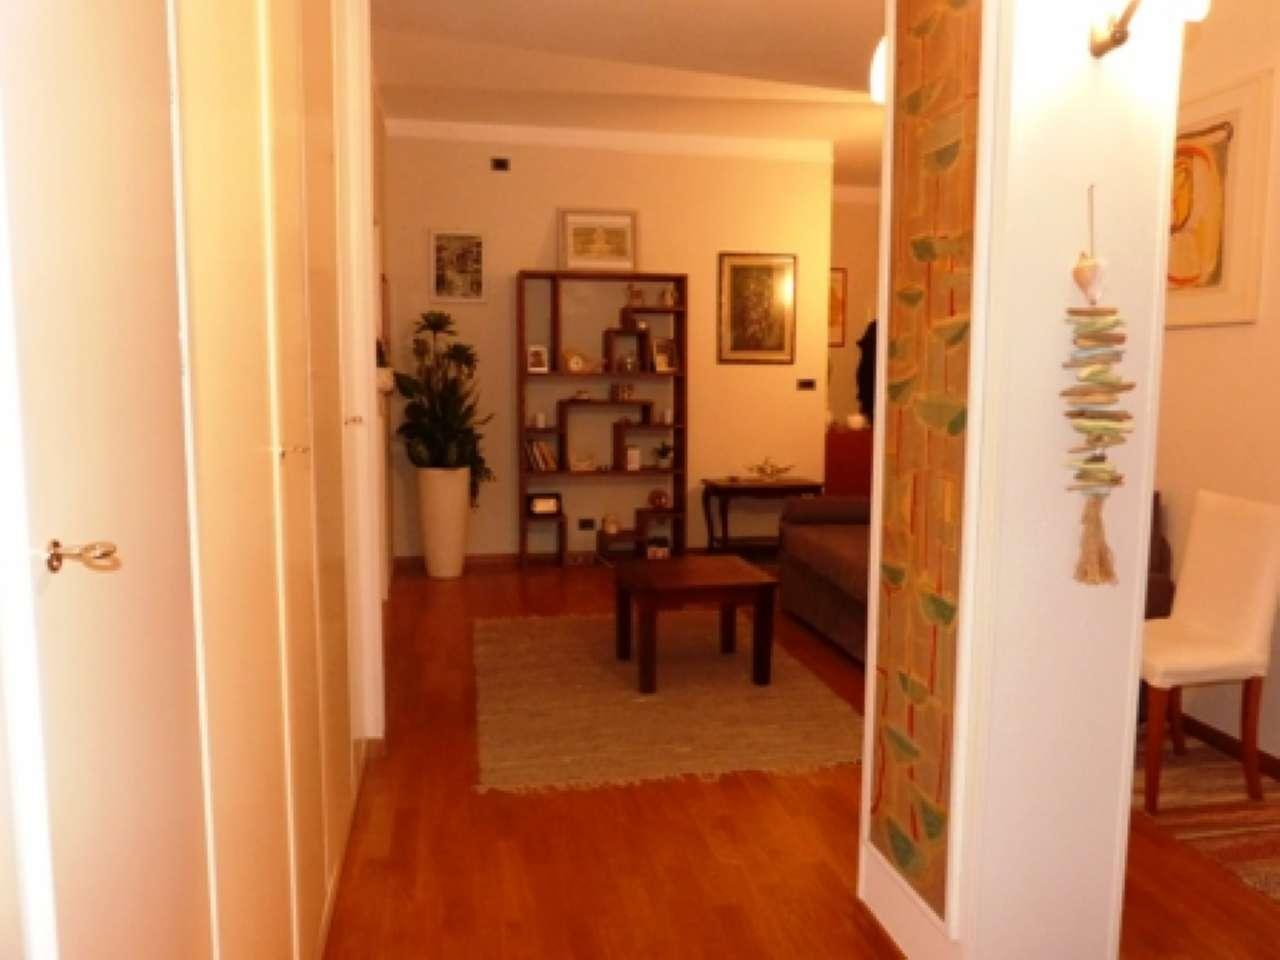 Appartamento in vendita a Fossano, 2 locali, prezzo € 128.000 | CambioCasa.it